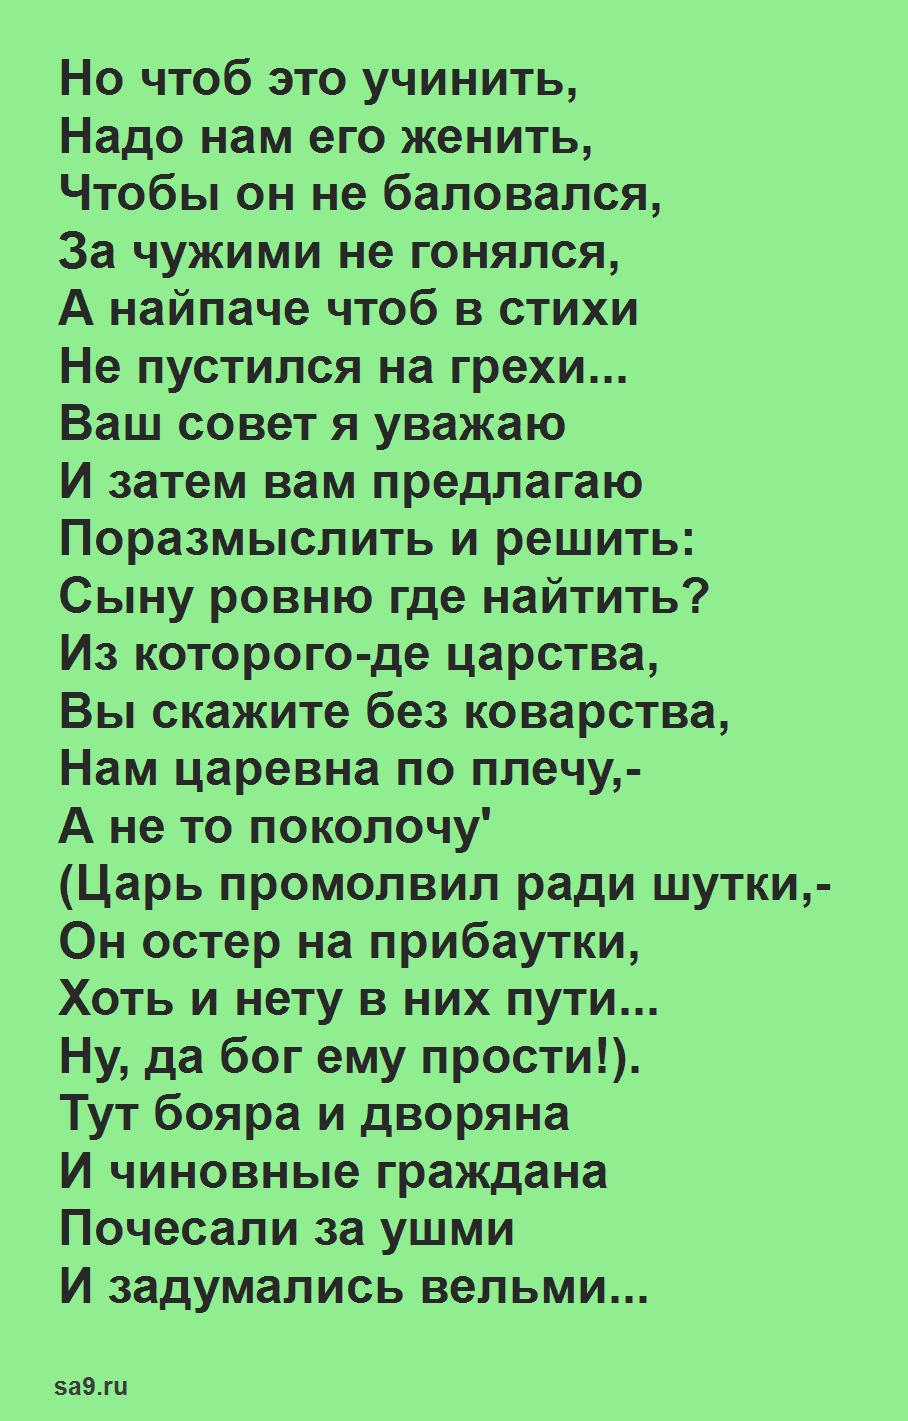 Сказка 'О царевне Ясносвете', Некрасов